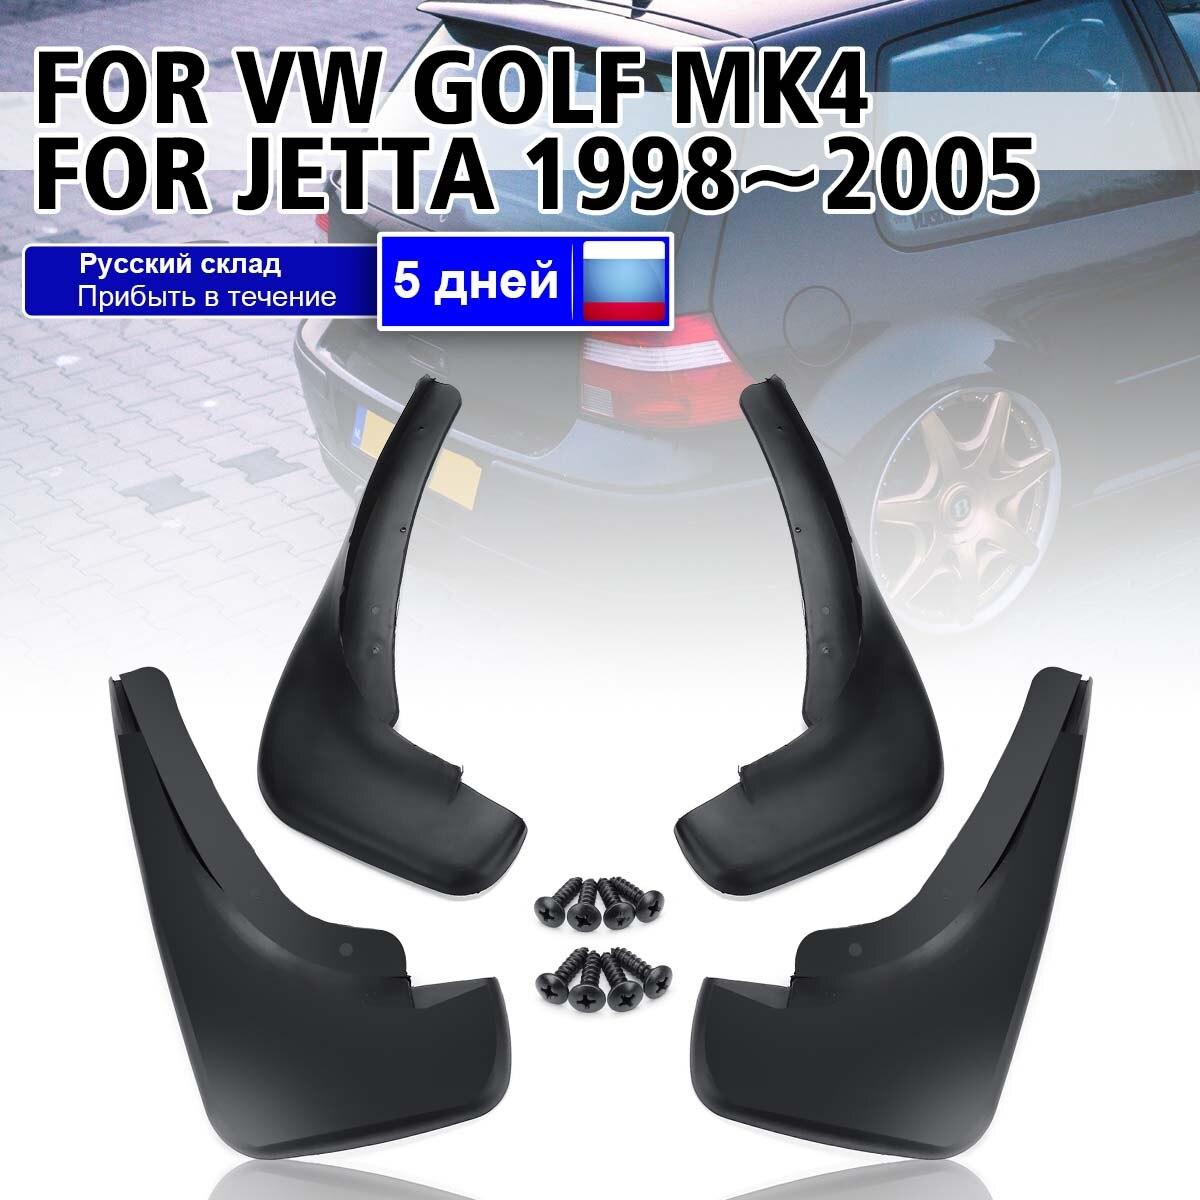 Guardabarros de coche para VW Golf 4 Mk4 IV Bora Jetta 1998-2005 guardabarros delantero y trasero